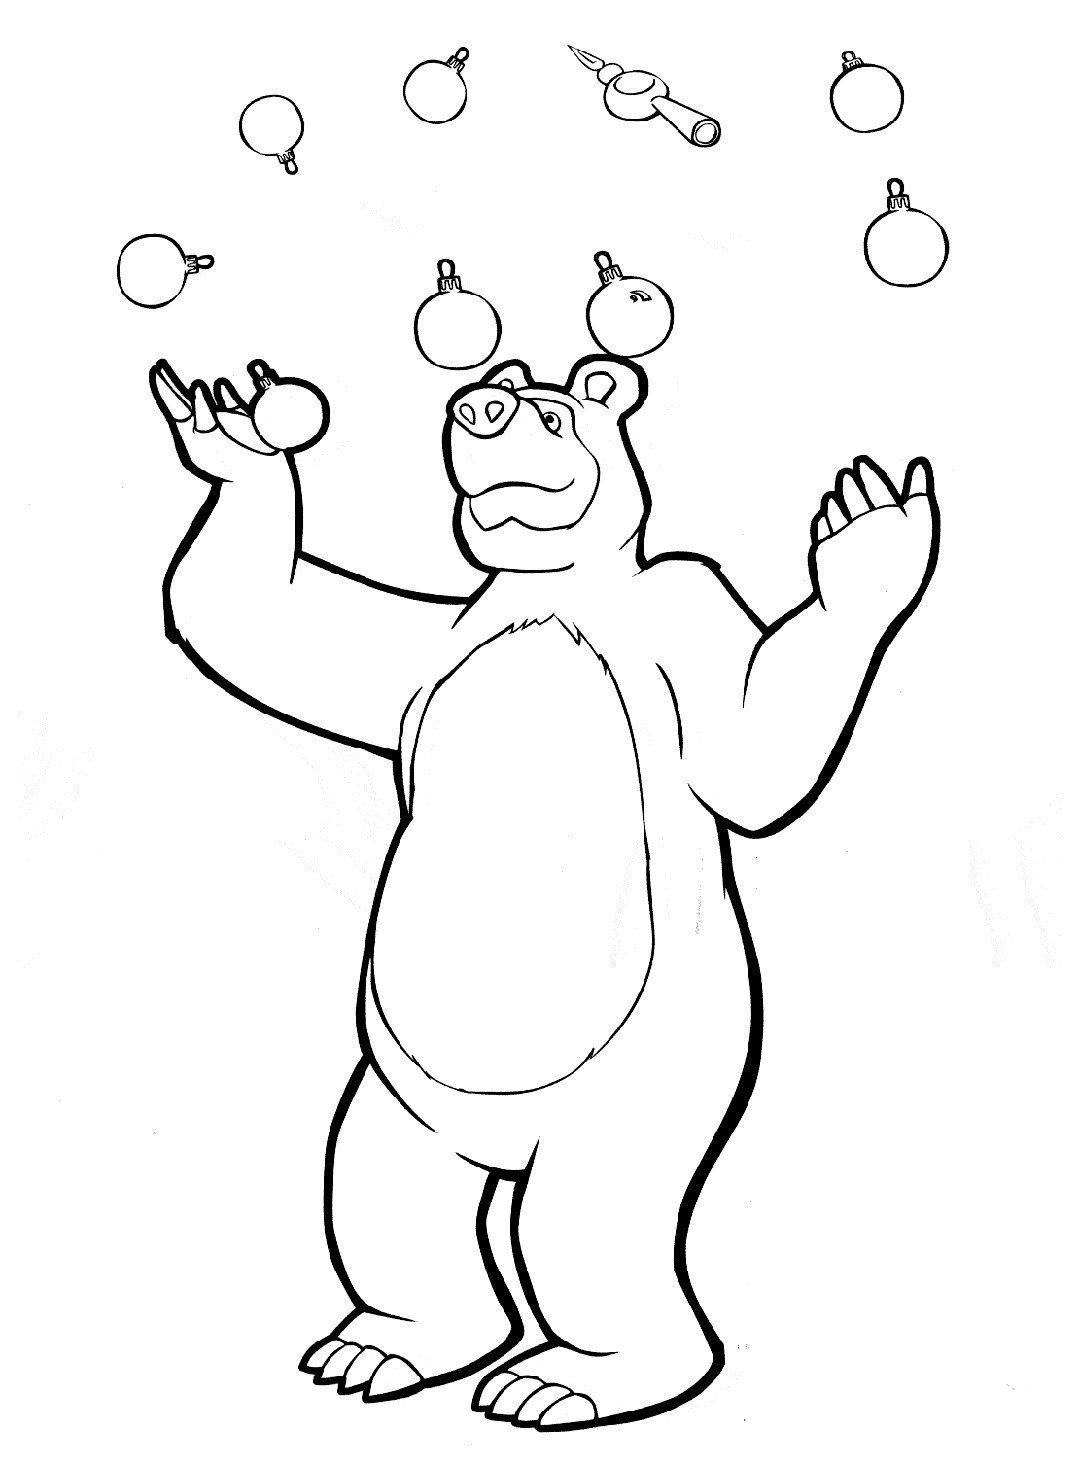 Медведь жонглирует - Картинка для раскрашивания красками-гуашью